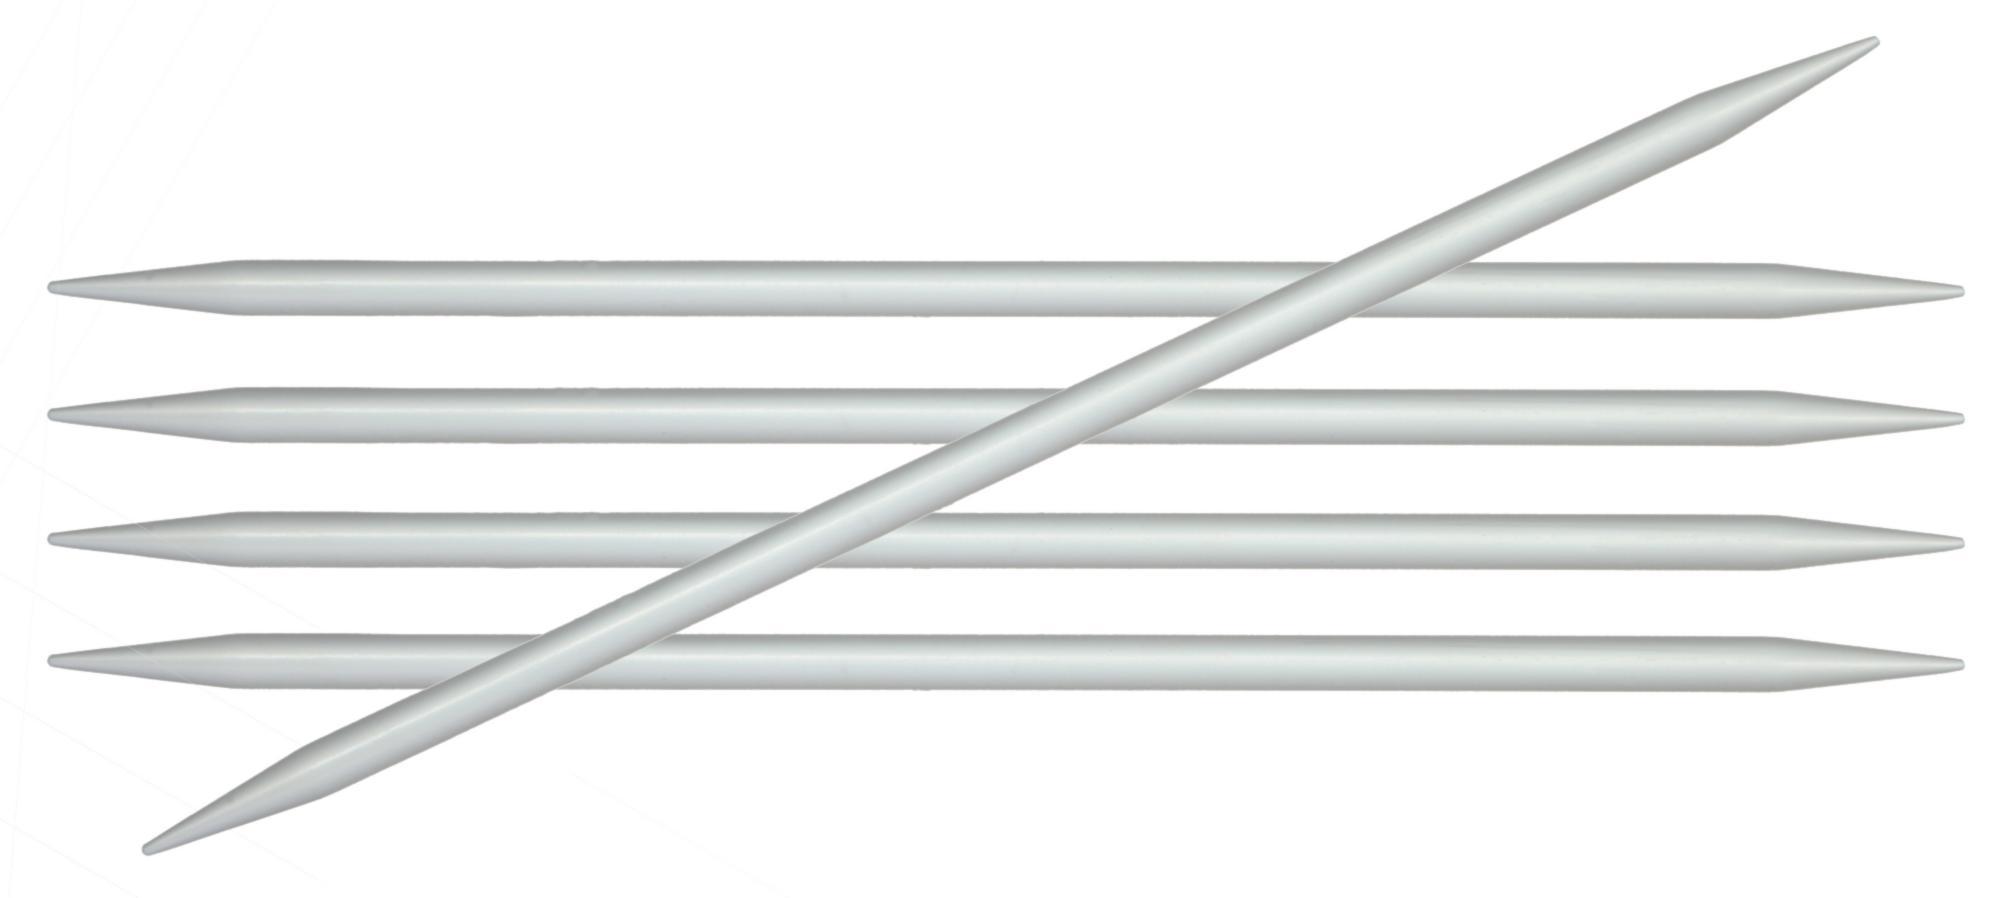 Спицы носочные 20 см Basix Aluminium KnitPro, 45115, 4.00 мм